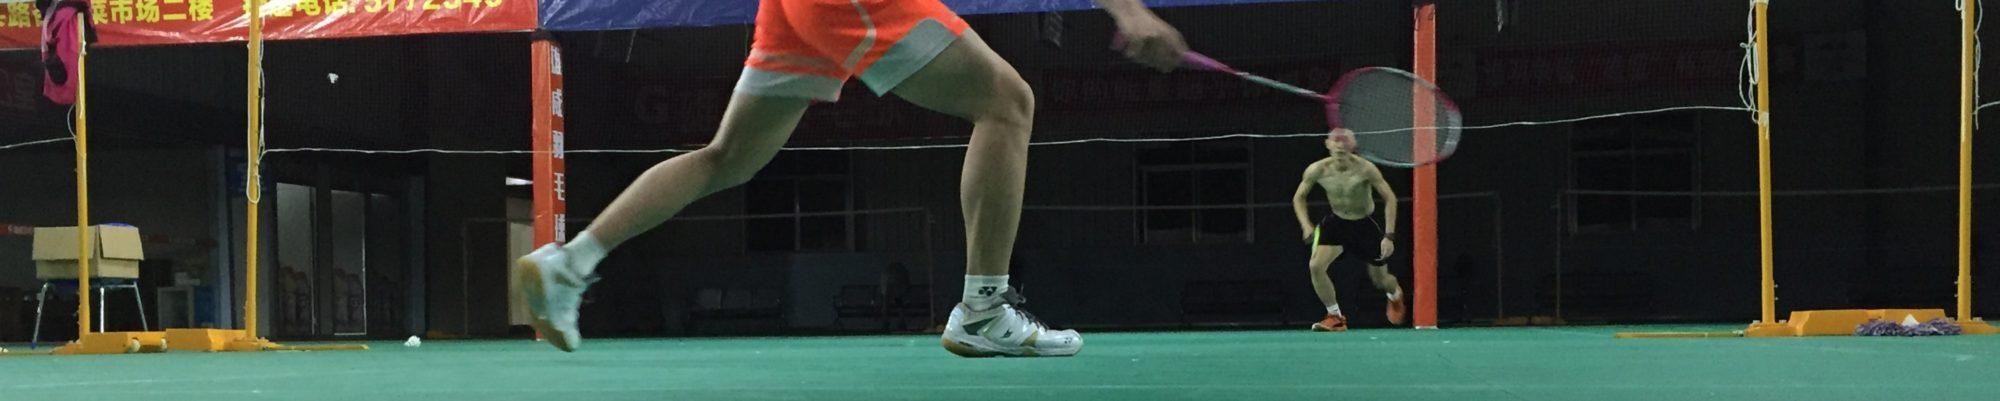 Badminton Becky